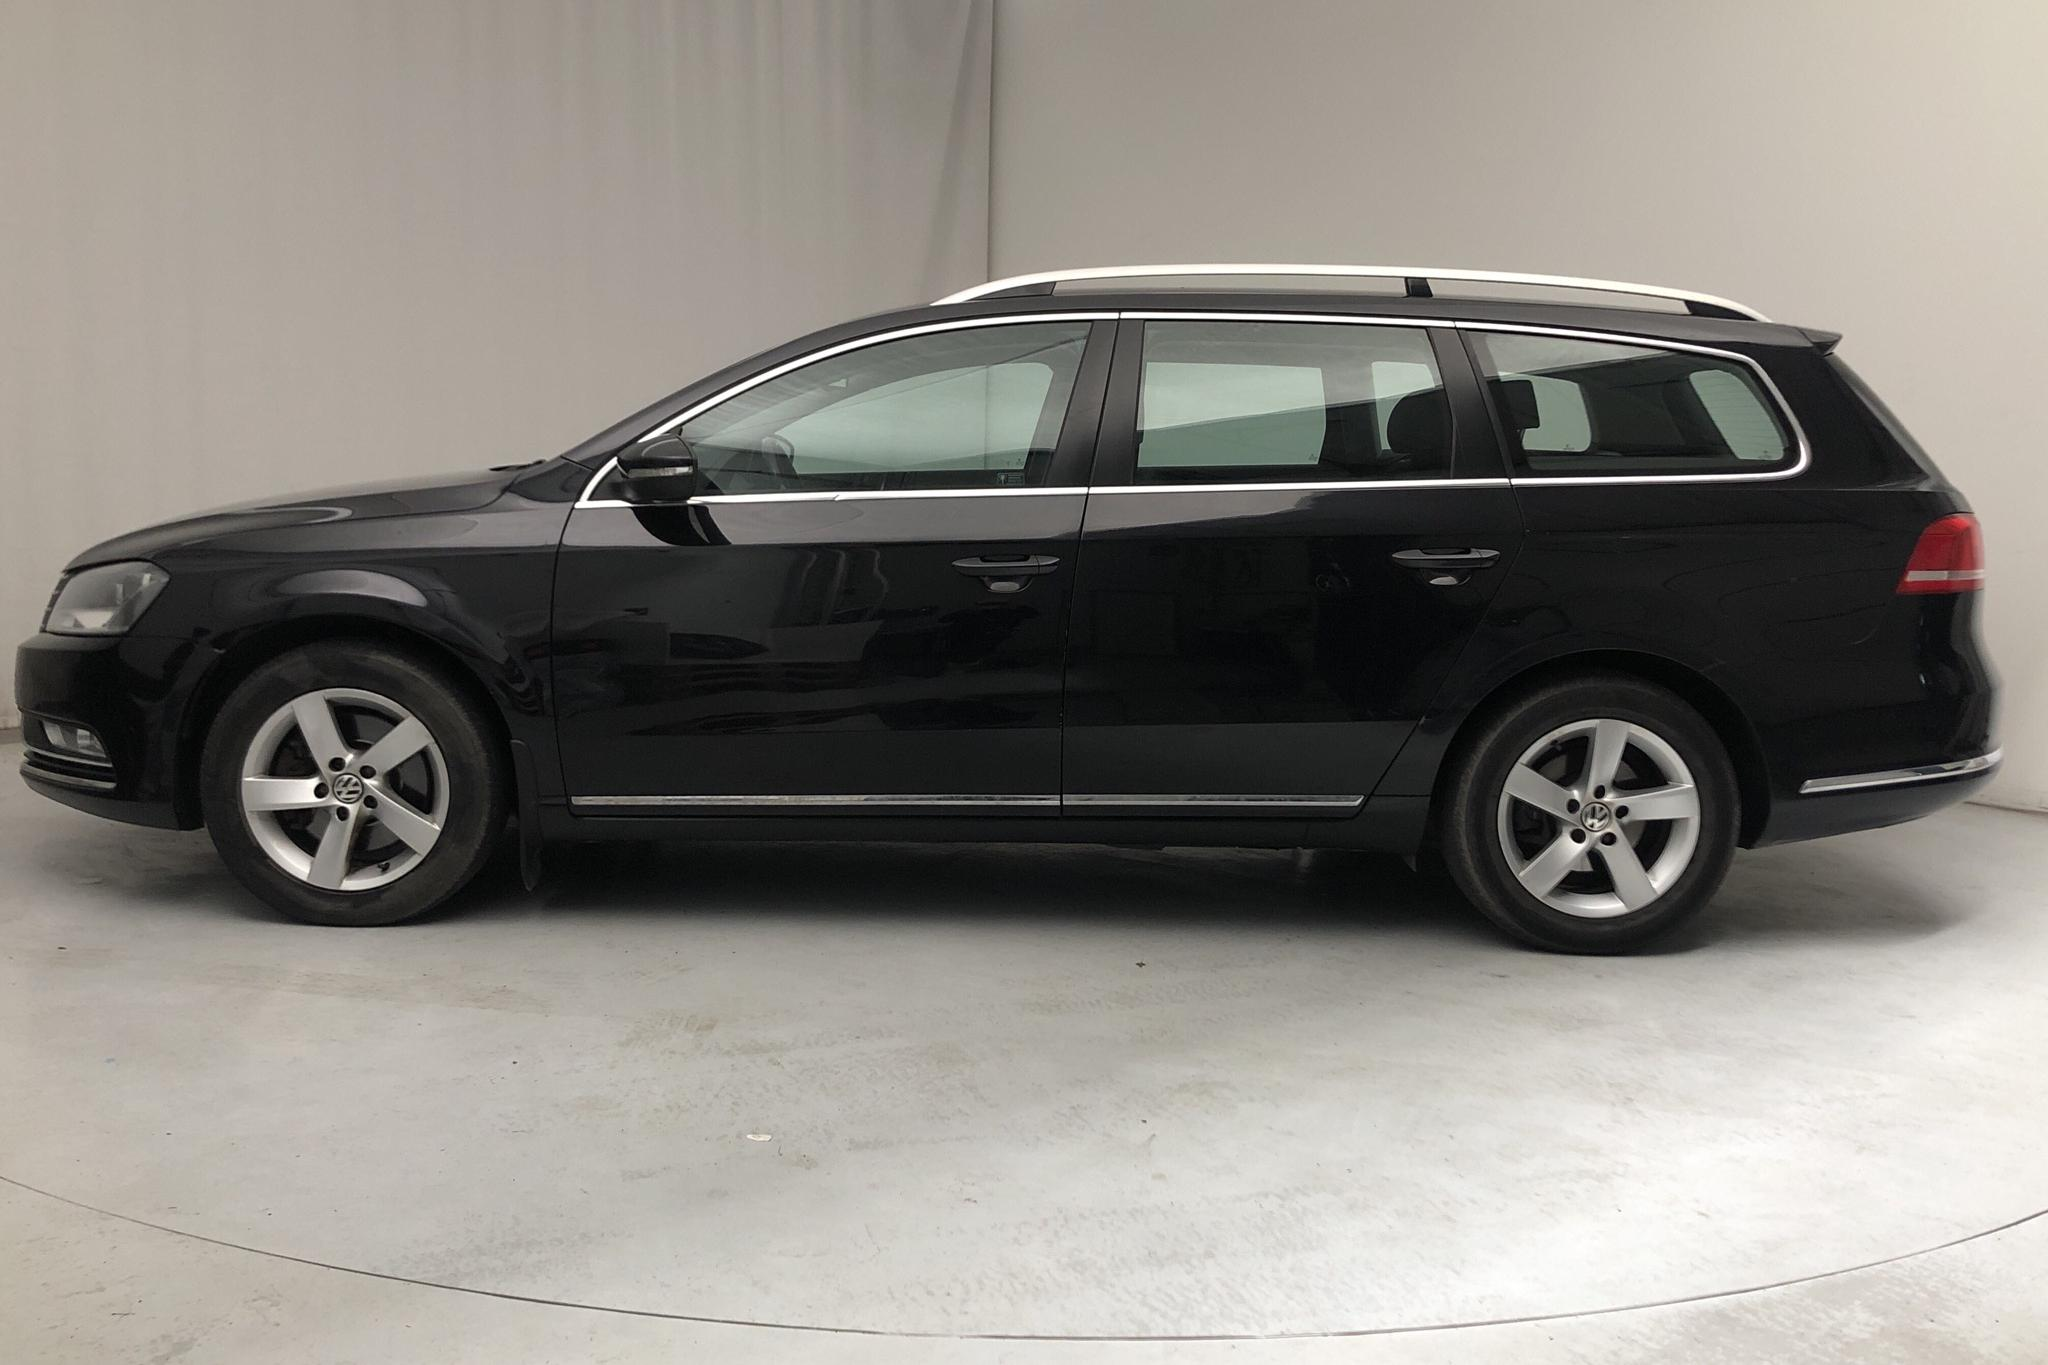 VW Passat 1.4 TSI EcoFuel Variant (150hk) - 165 010 km - Manual - black - 2011